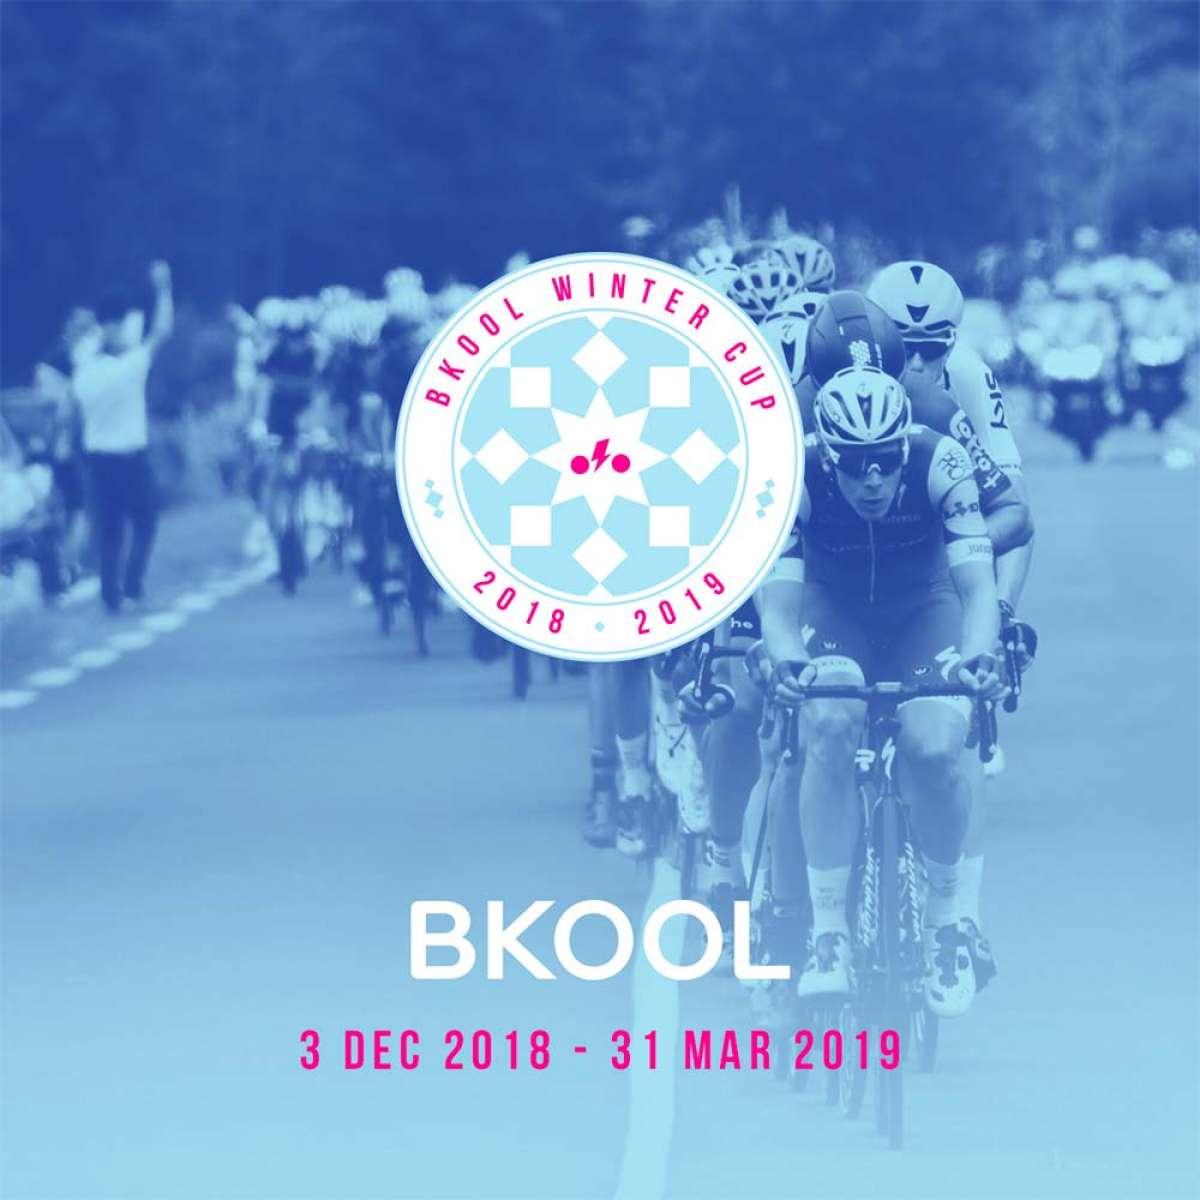 La Bkool Winter Cup se consolida como la competición virtual de ciclismo más grande del mundo